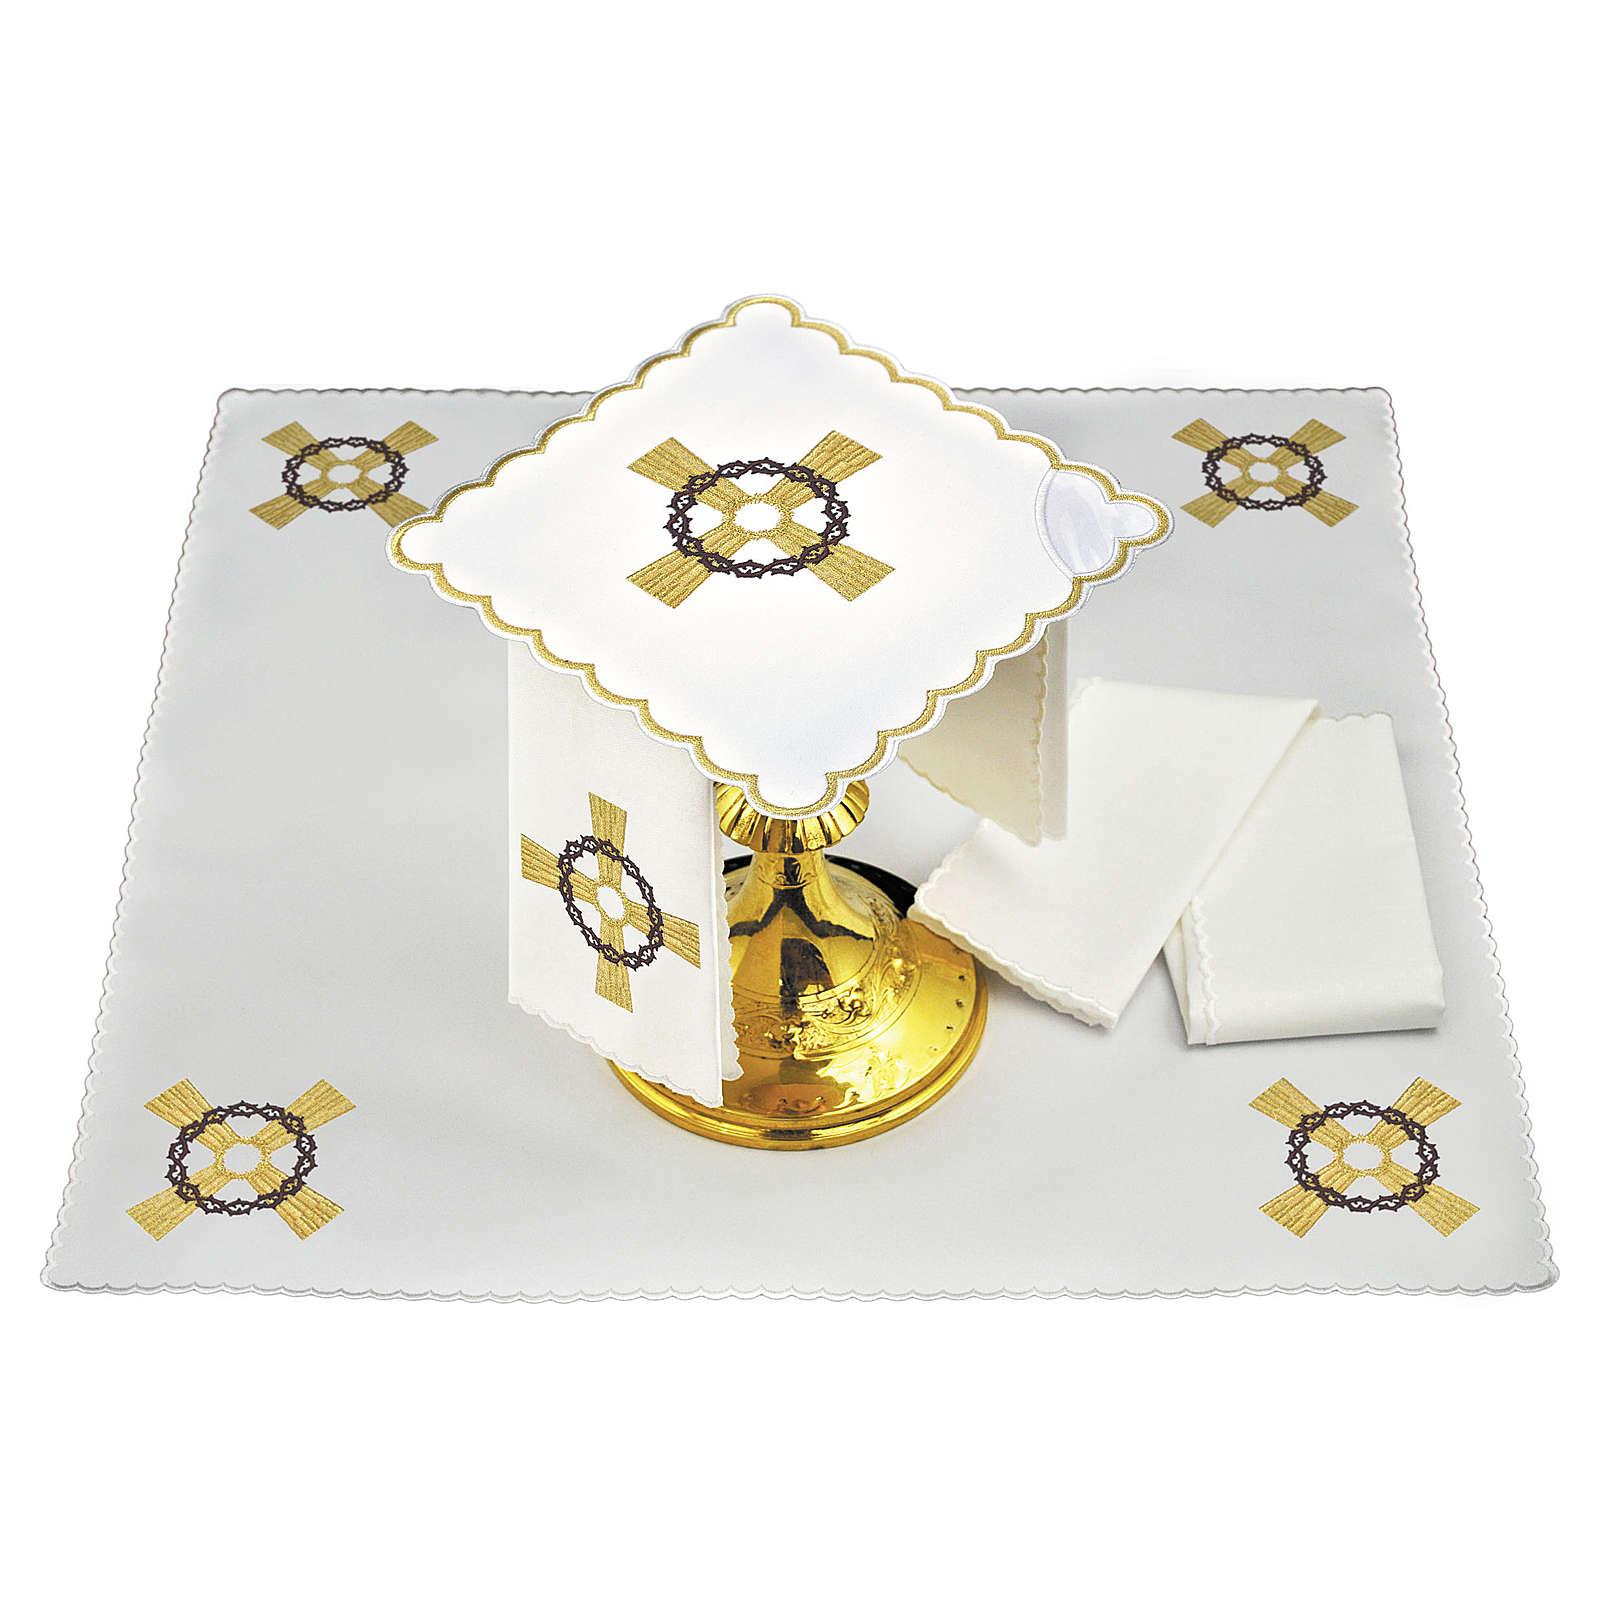 Servizio da altare lino croce dorata corona di spine 4